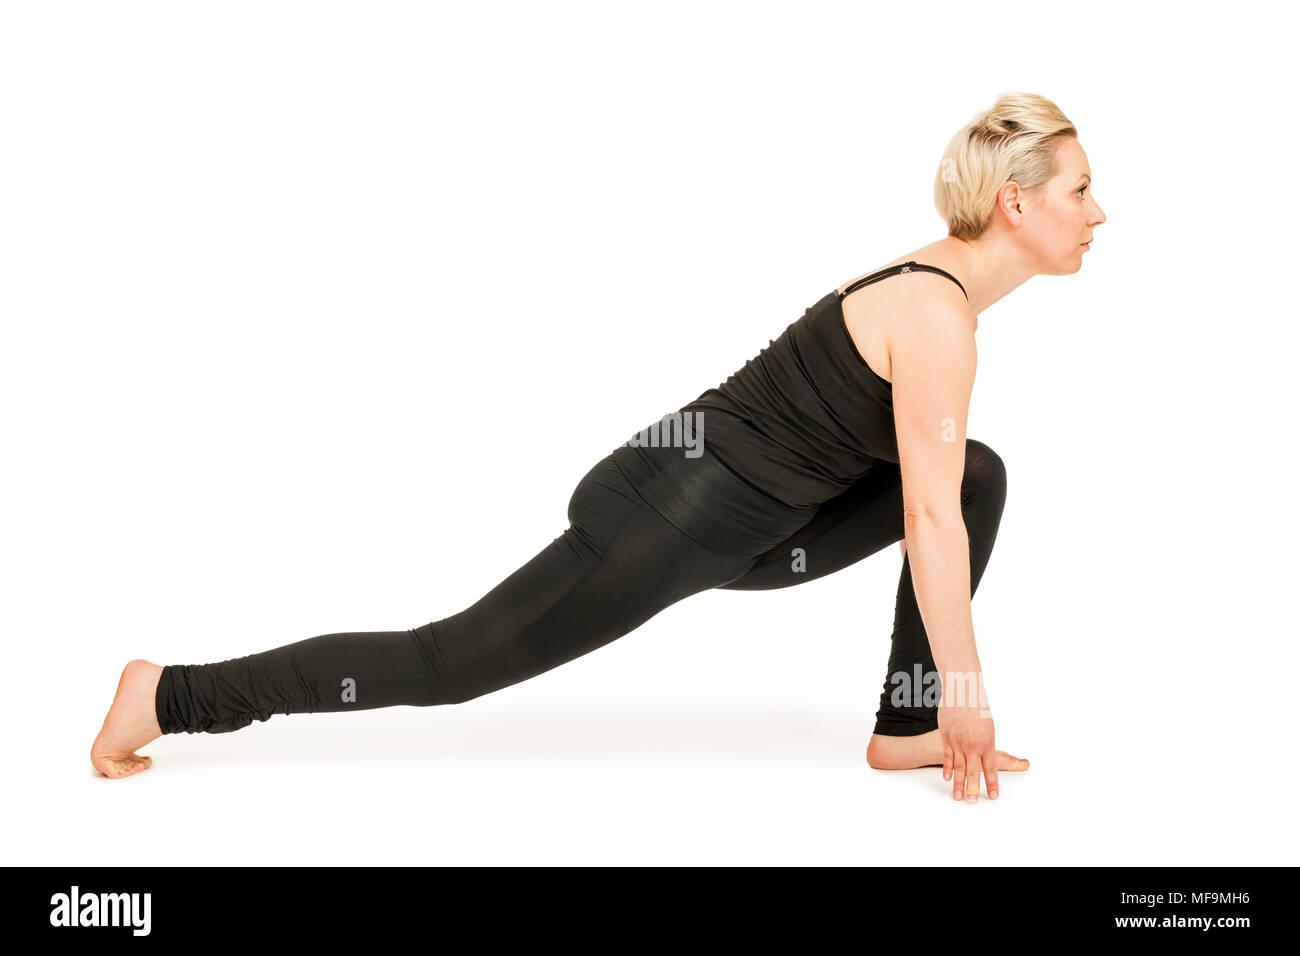 Seitliche Ganzkörper-Ansicht einer jungen Frau vor weißen Hintergrund die Yoga-Übung Ausfallschritt aus dem nach unten gerichteten Hund (adho mukha) Stock Photo